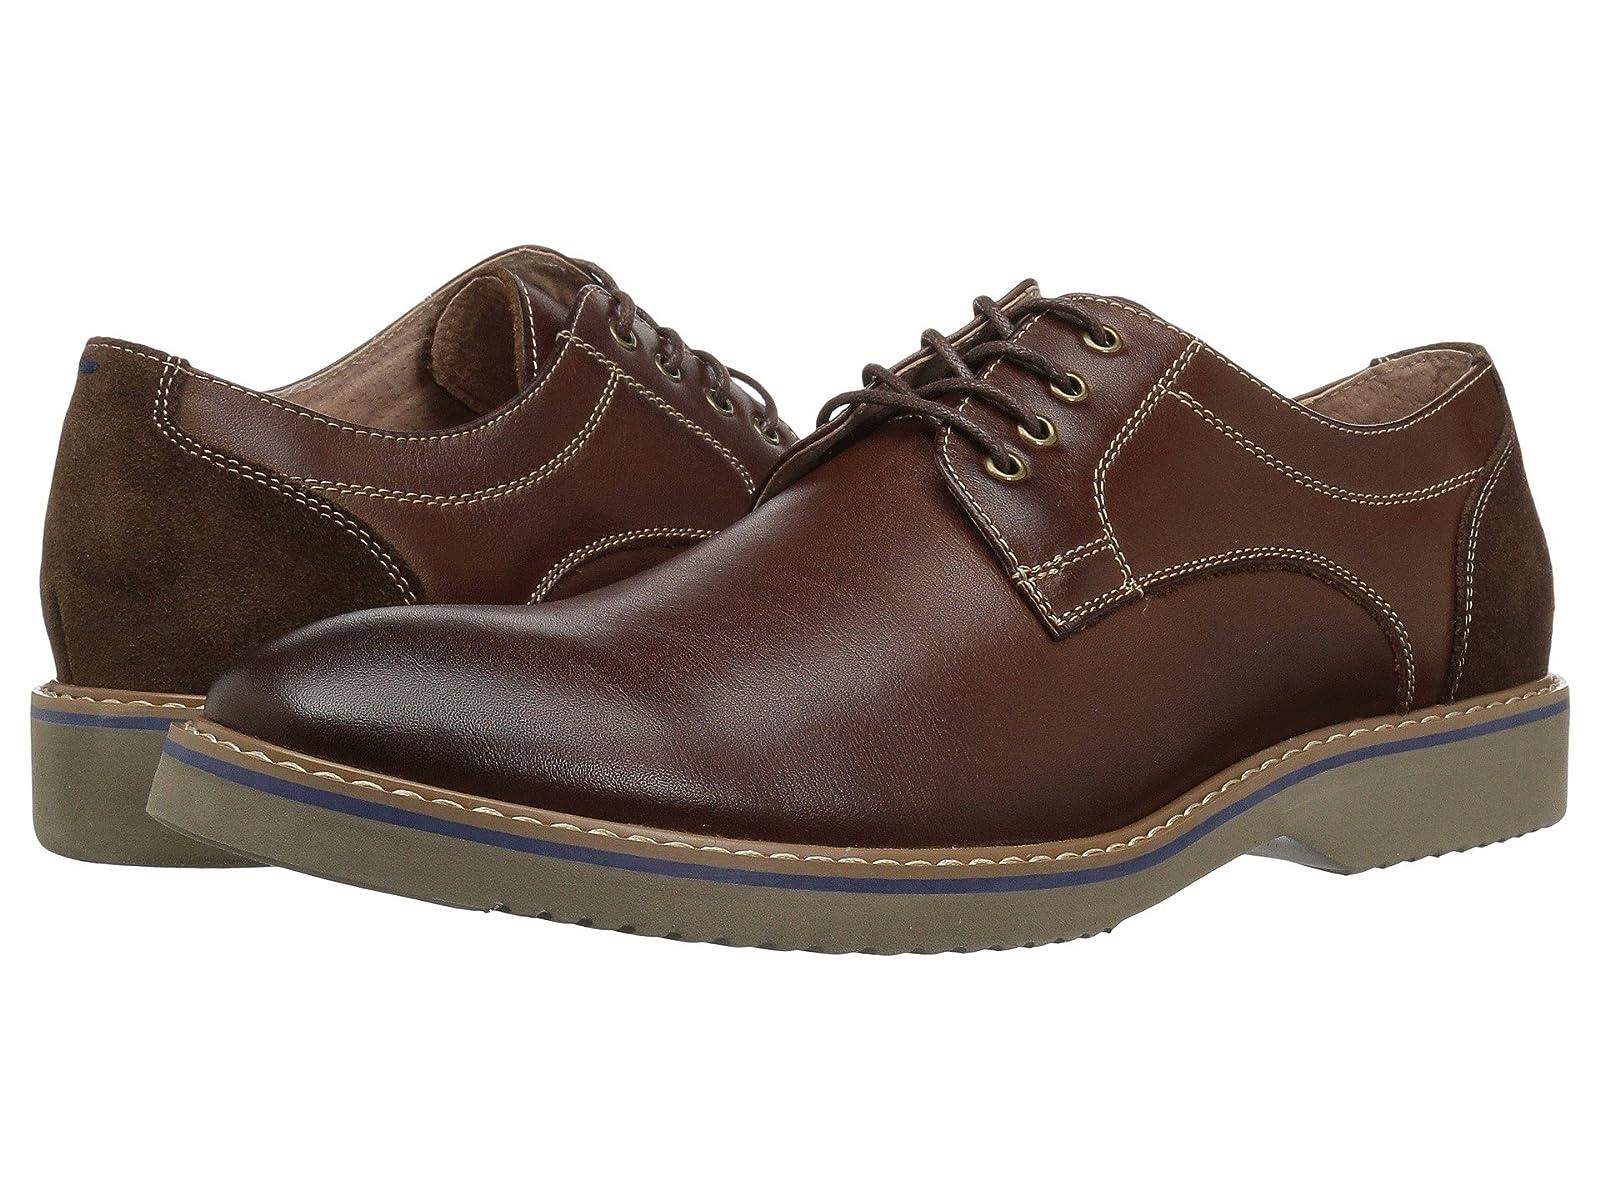 Florsheim Union Plain Toe OxfordAtmospheric grades have affordable shoes